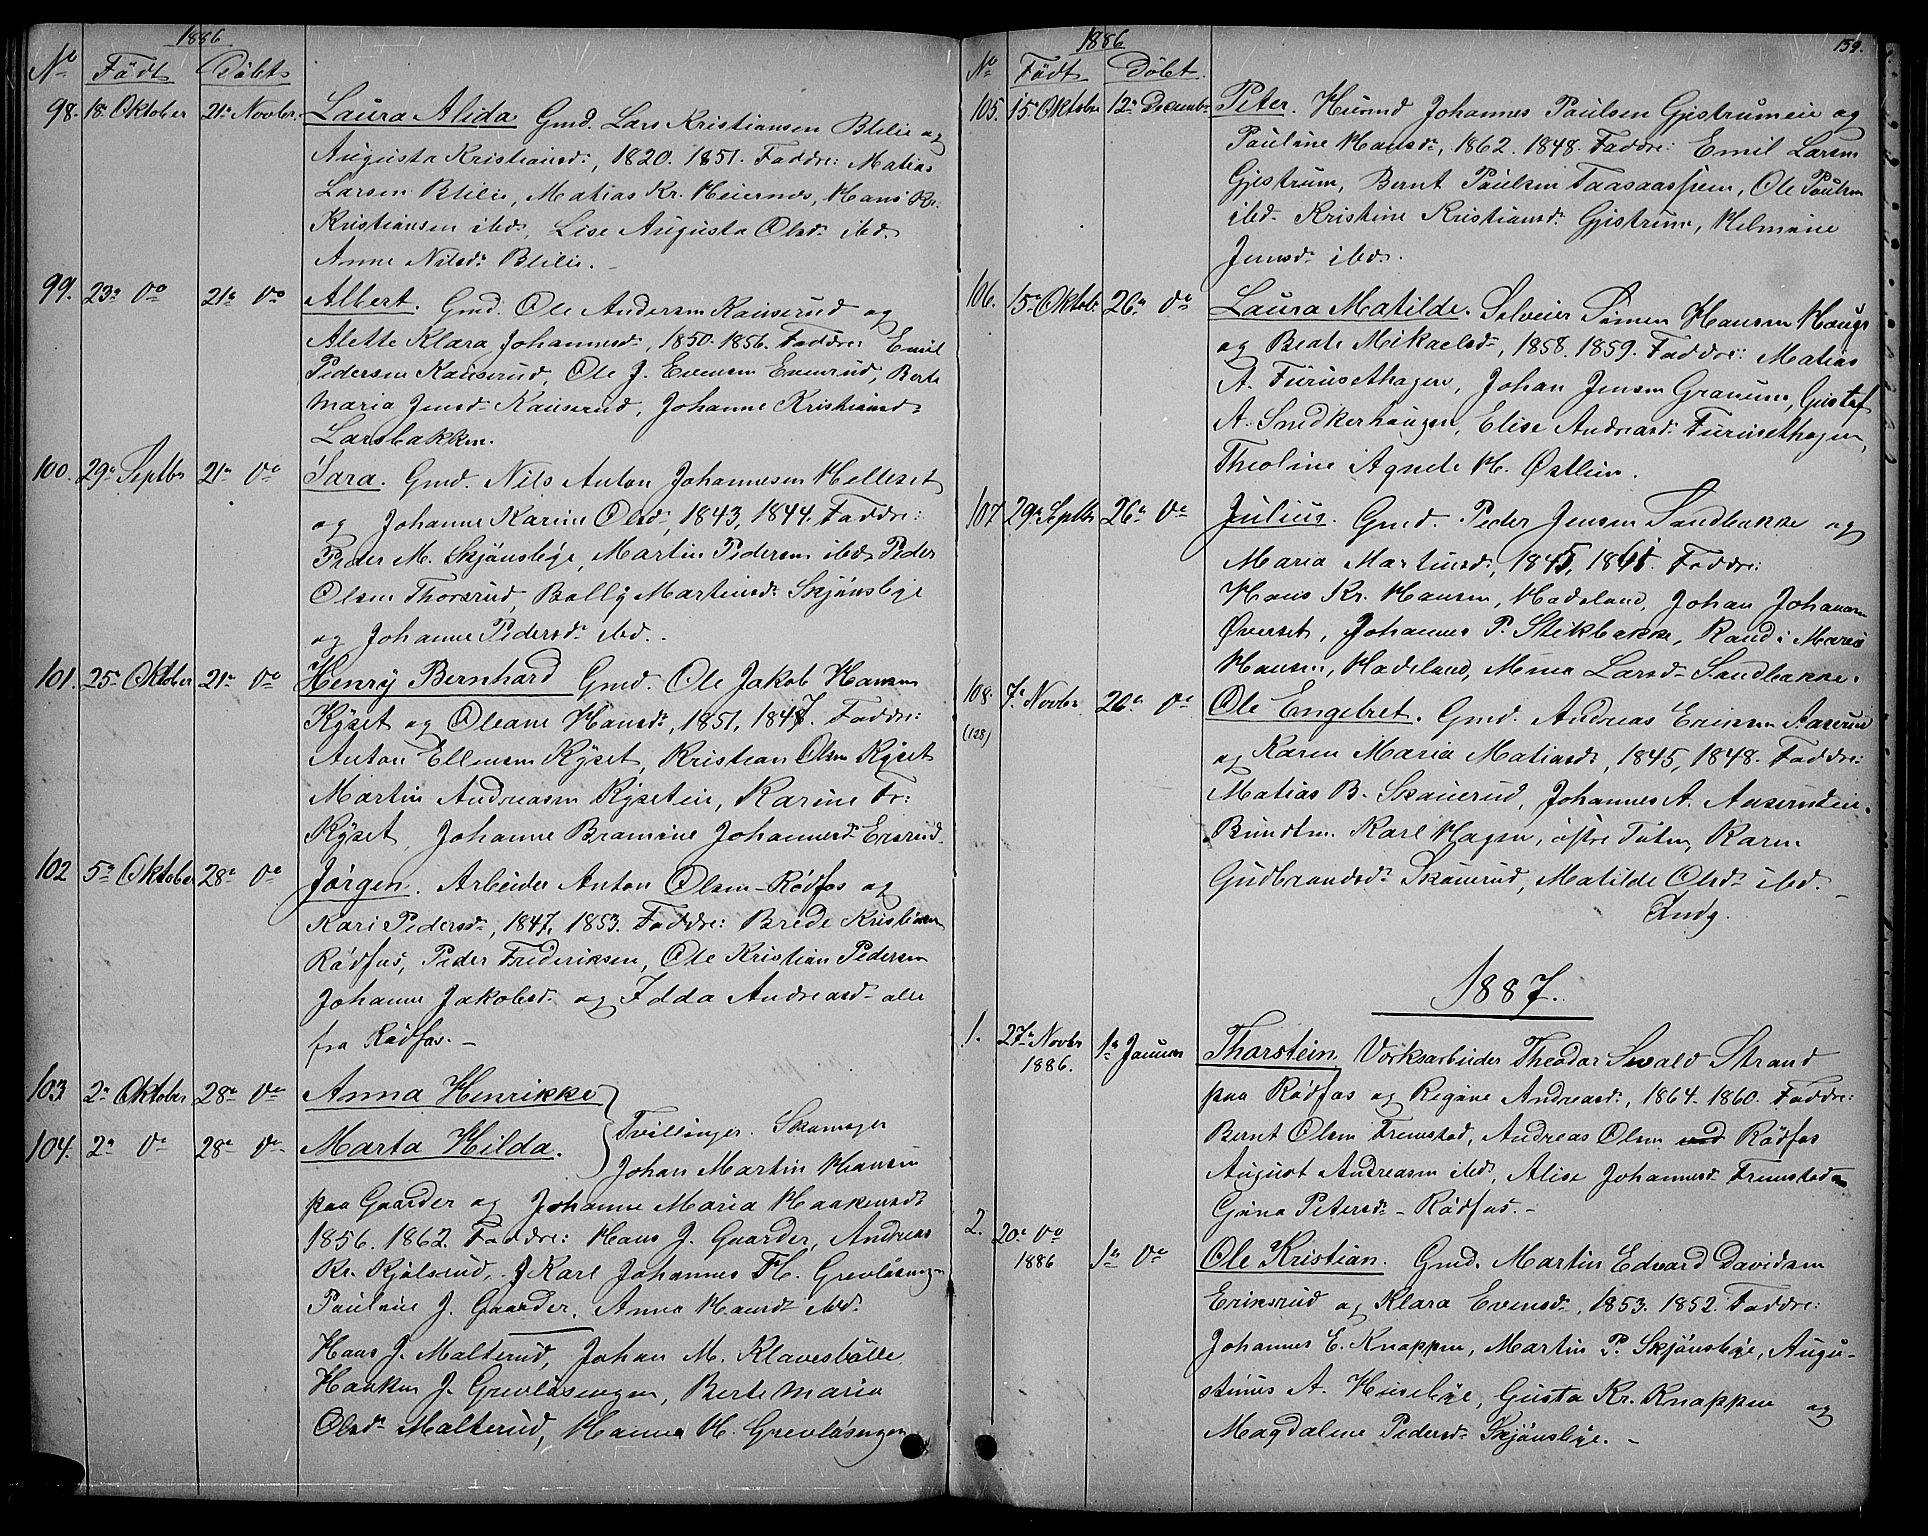 SAH, Vestre Toten prestekontor, H/Ha/Hab/L0006: Klokkerbok nr. 6, 1870-1887, s. 159